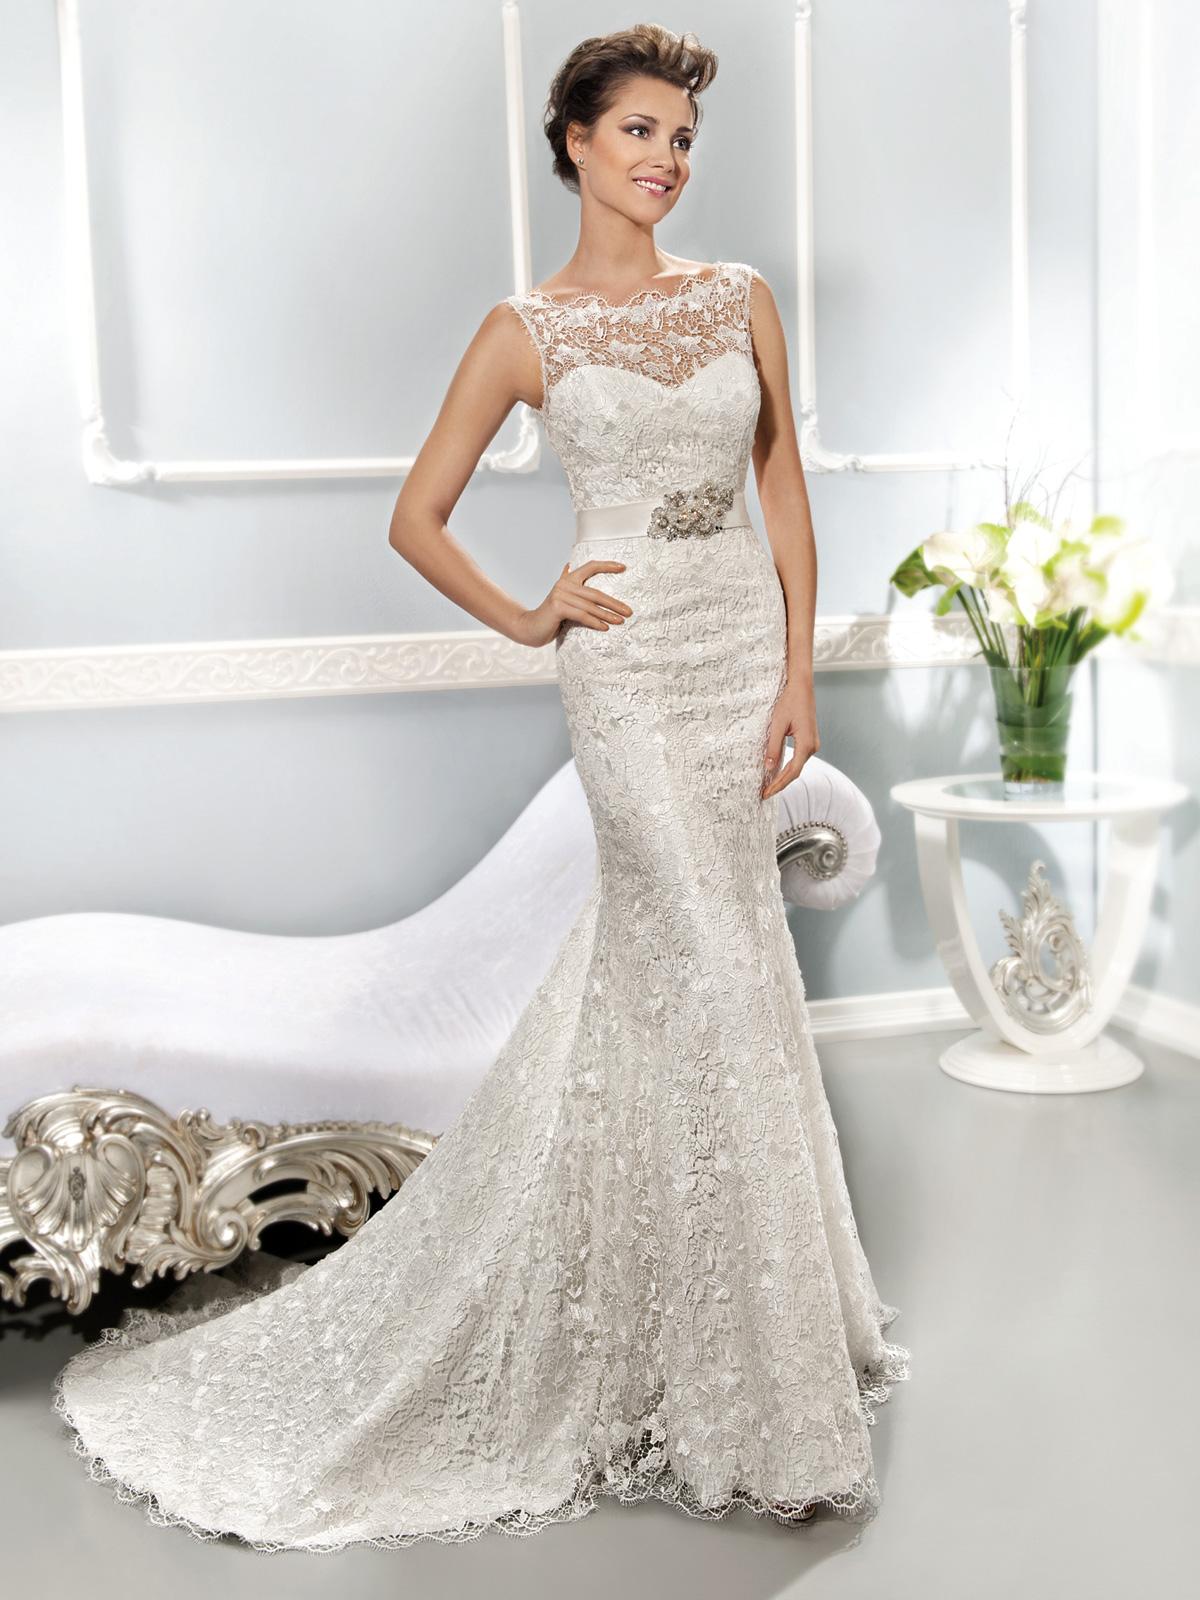 Vestido de Noiva justo em renda, com transparência no decote frente e atras V, cinto em cetim com aplique em pedraria, cauda arrastachão.